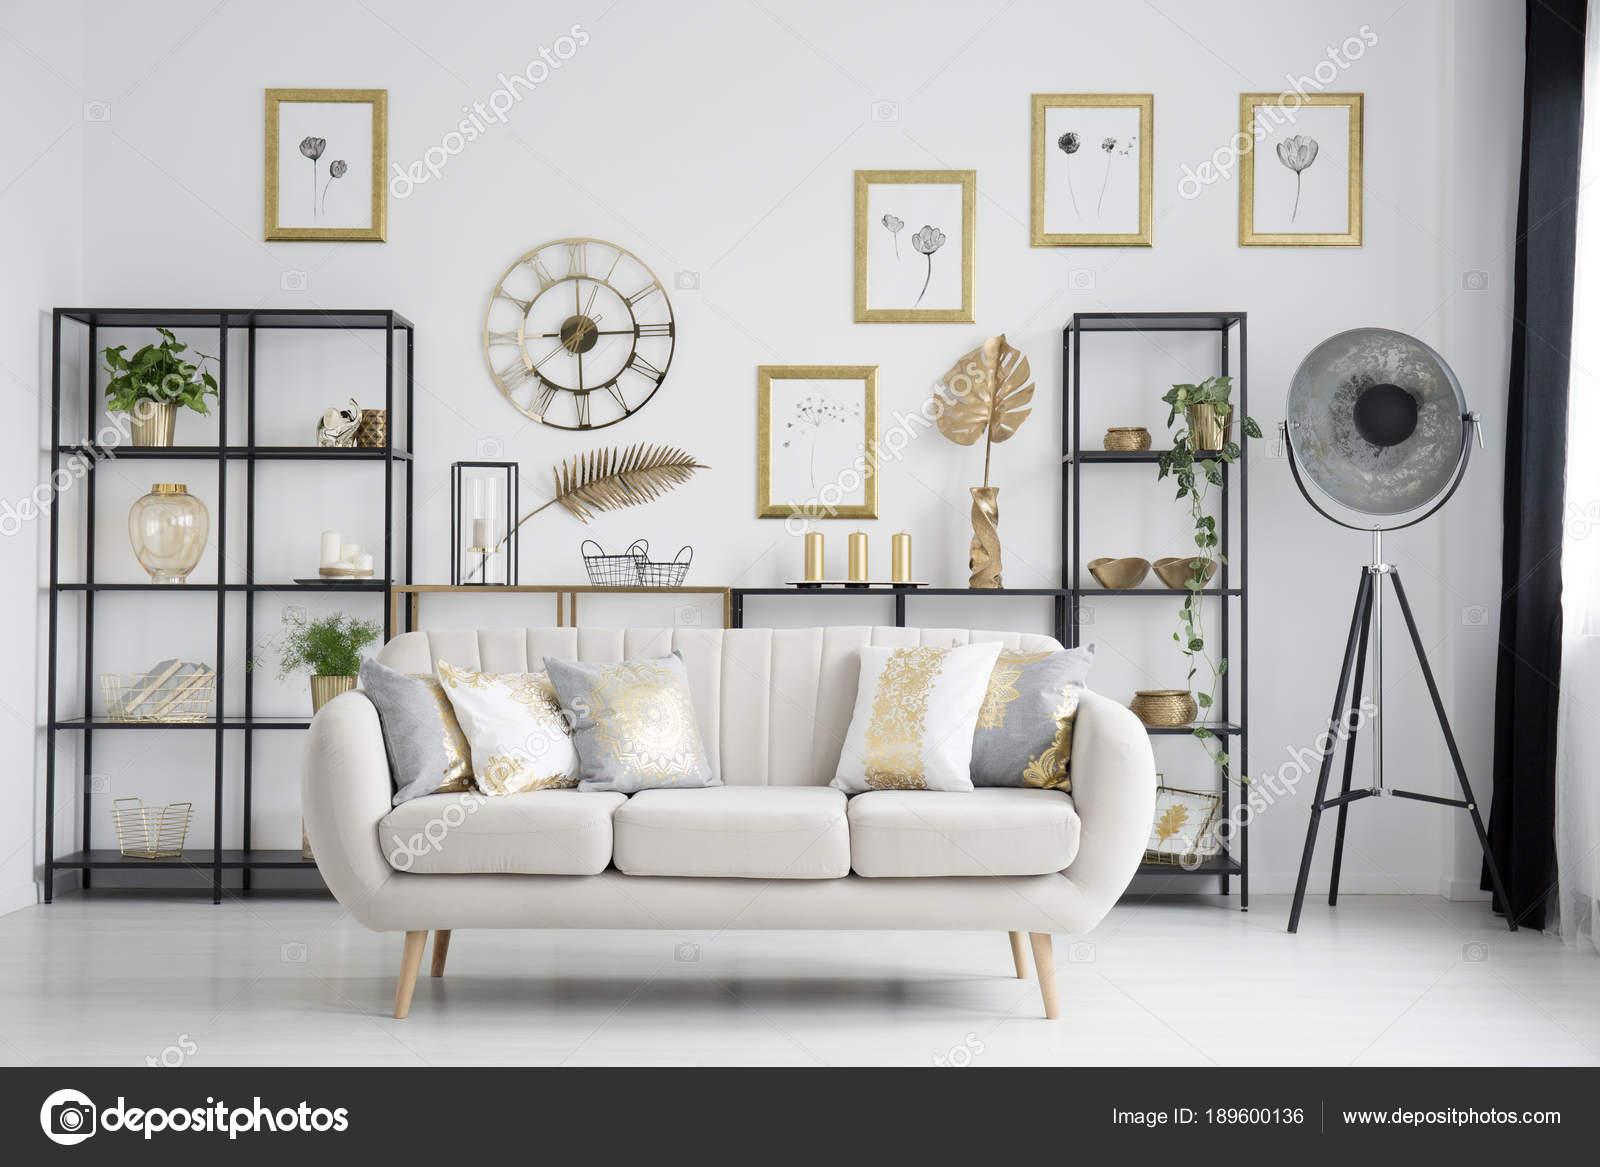 Verzauberkunst Sofa Wohnzimmer Beste Wahl Beige Mit Gold Kissen Im Hellen Interieur